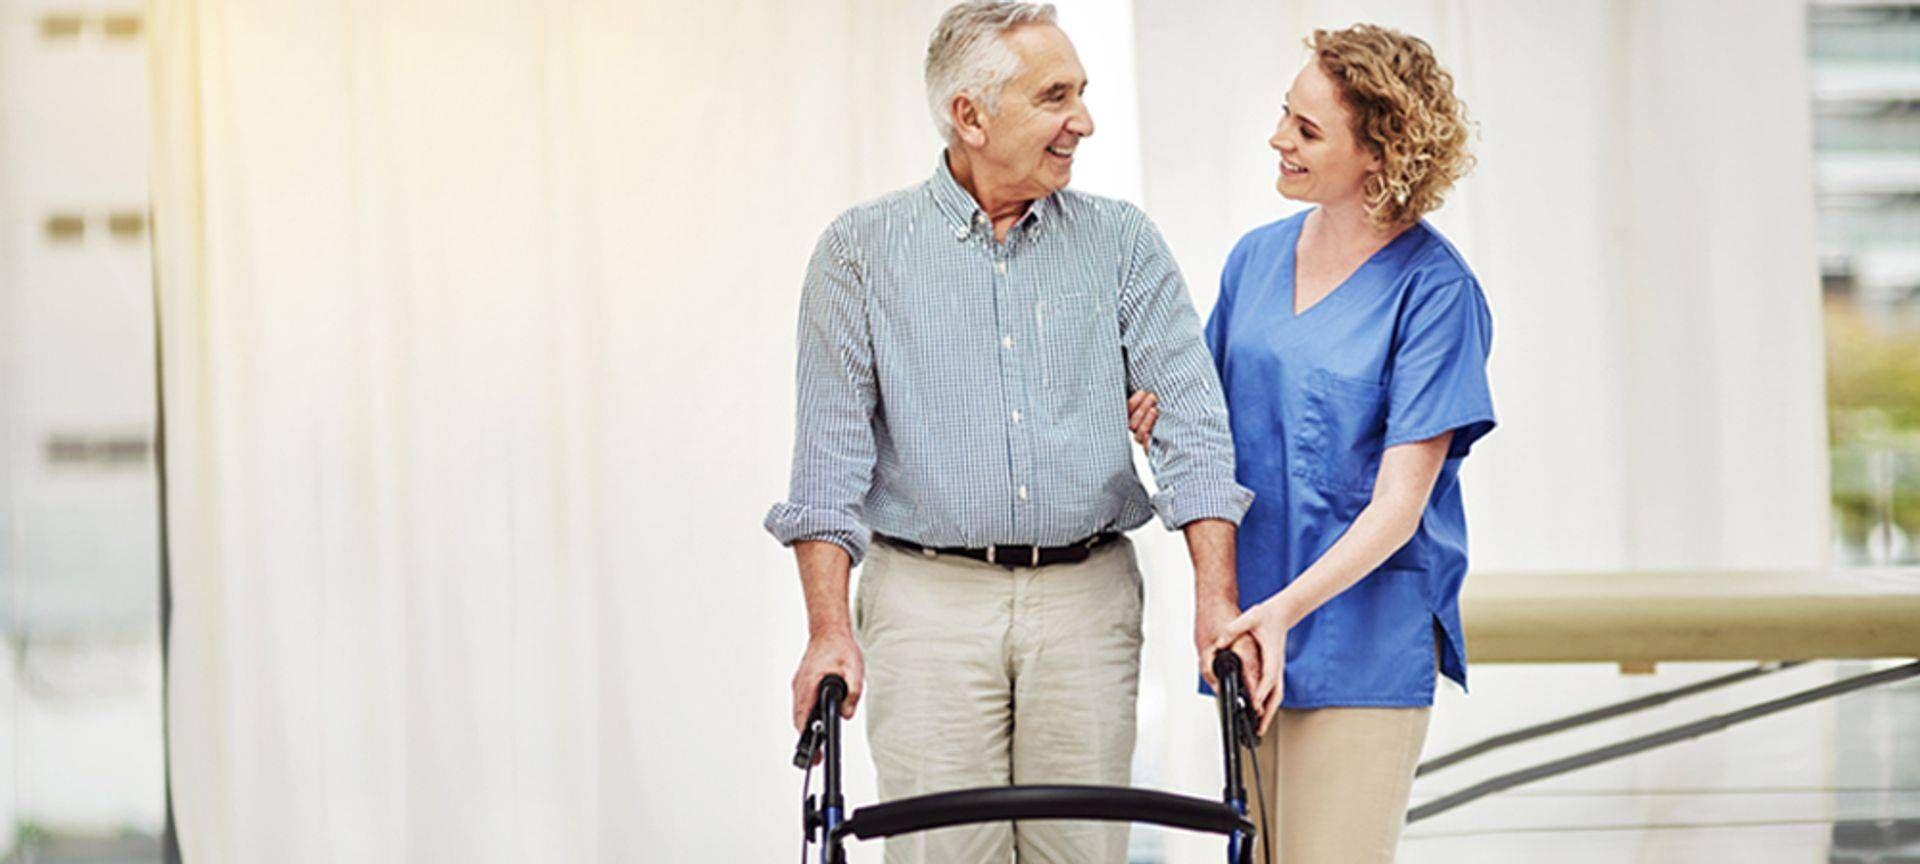 health team advantage concierge